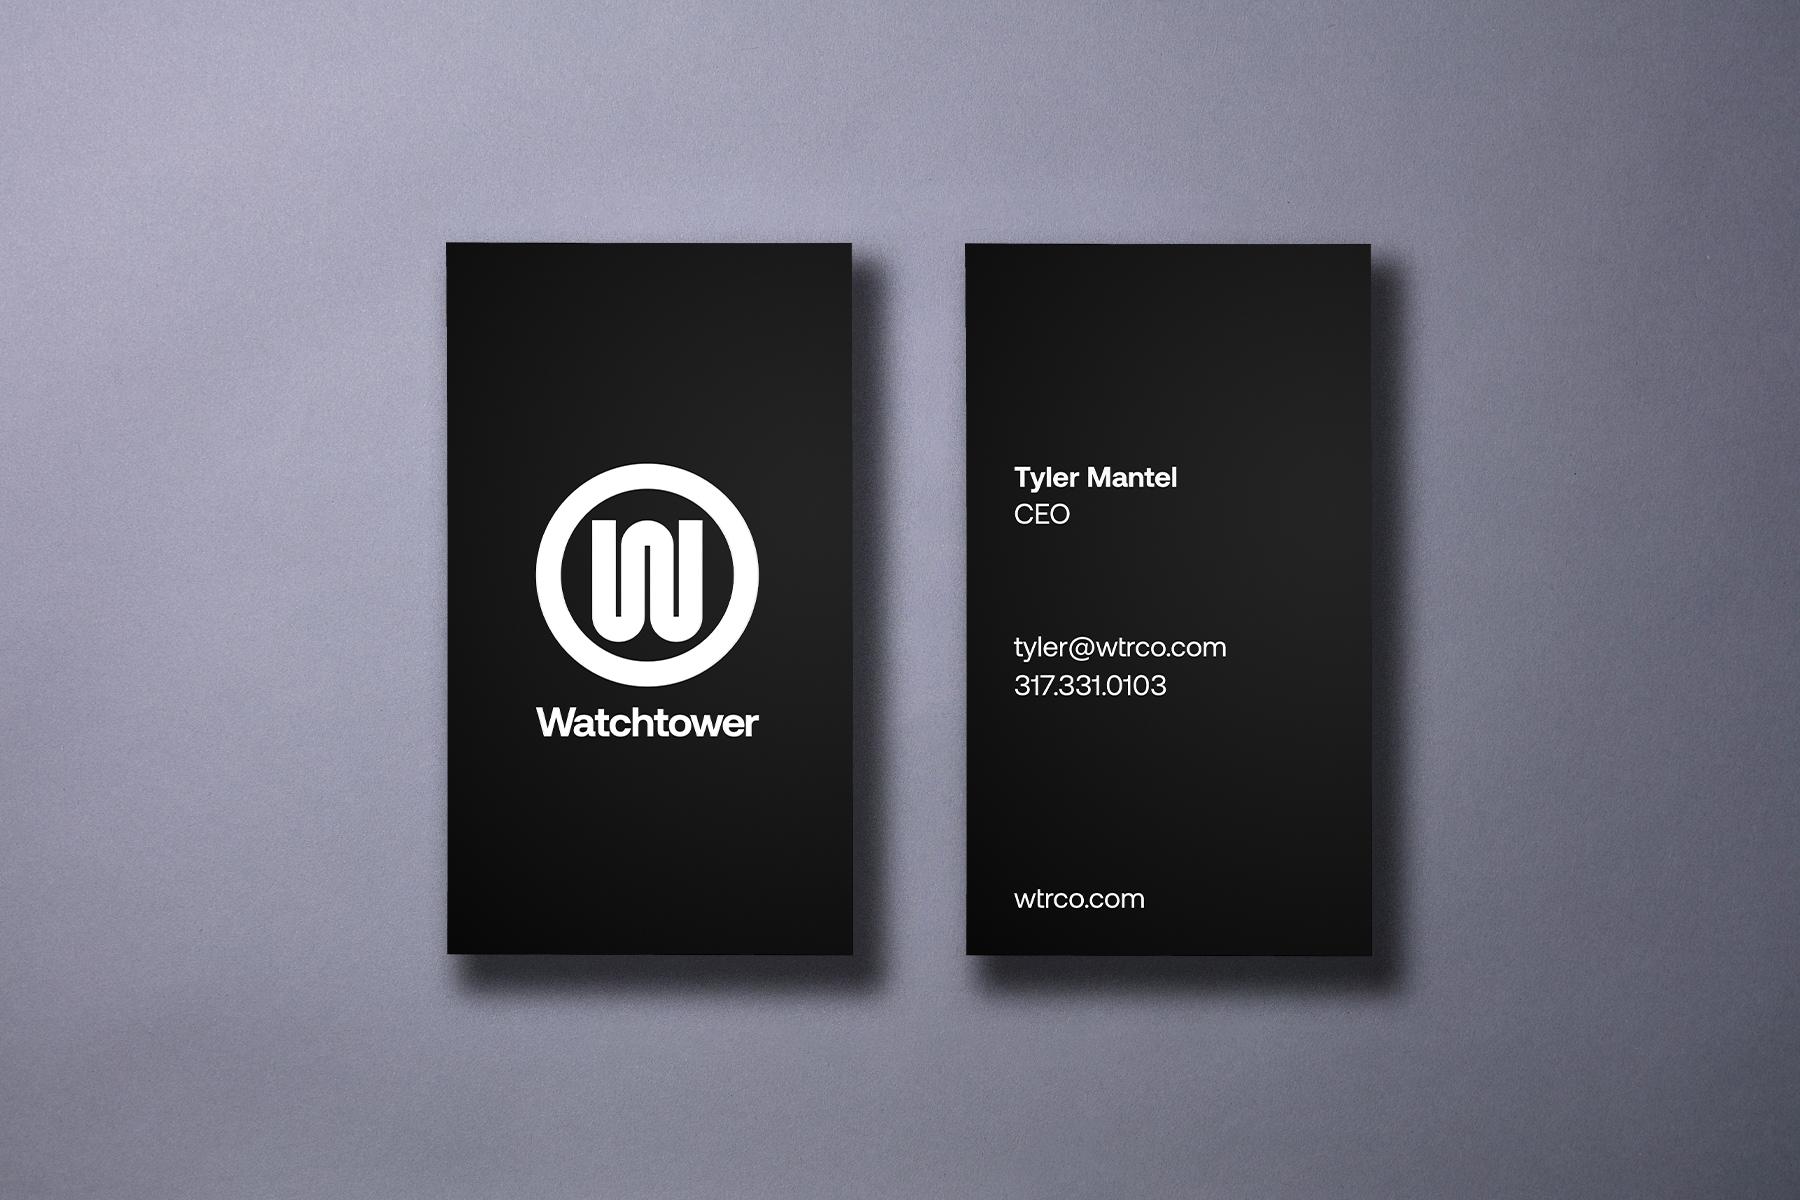 Berger & Föhr — Graphic & Brand Design